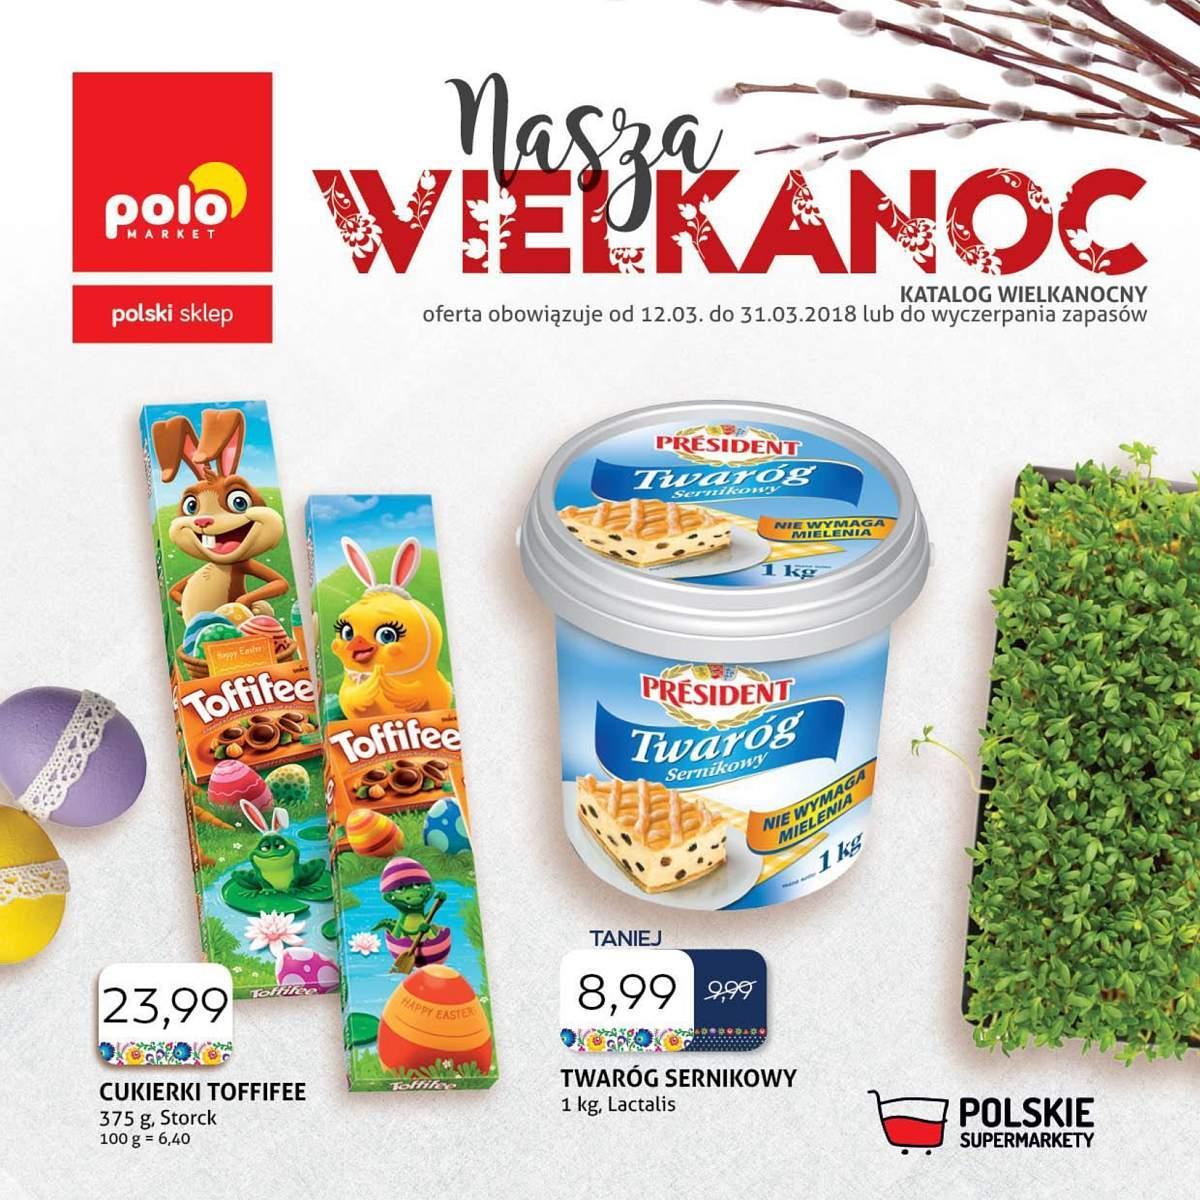 Gazetka promocyjna POLOmarket do 31/03/2018 str.0